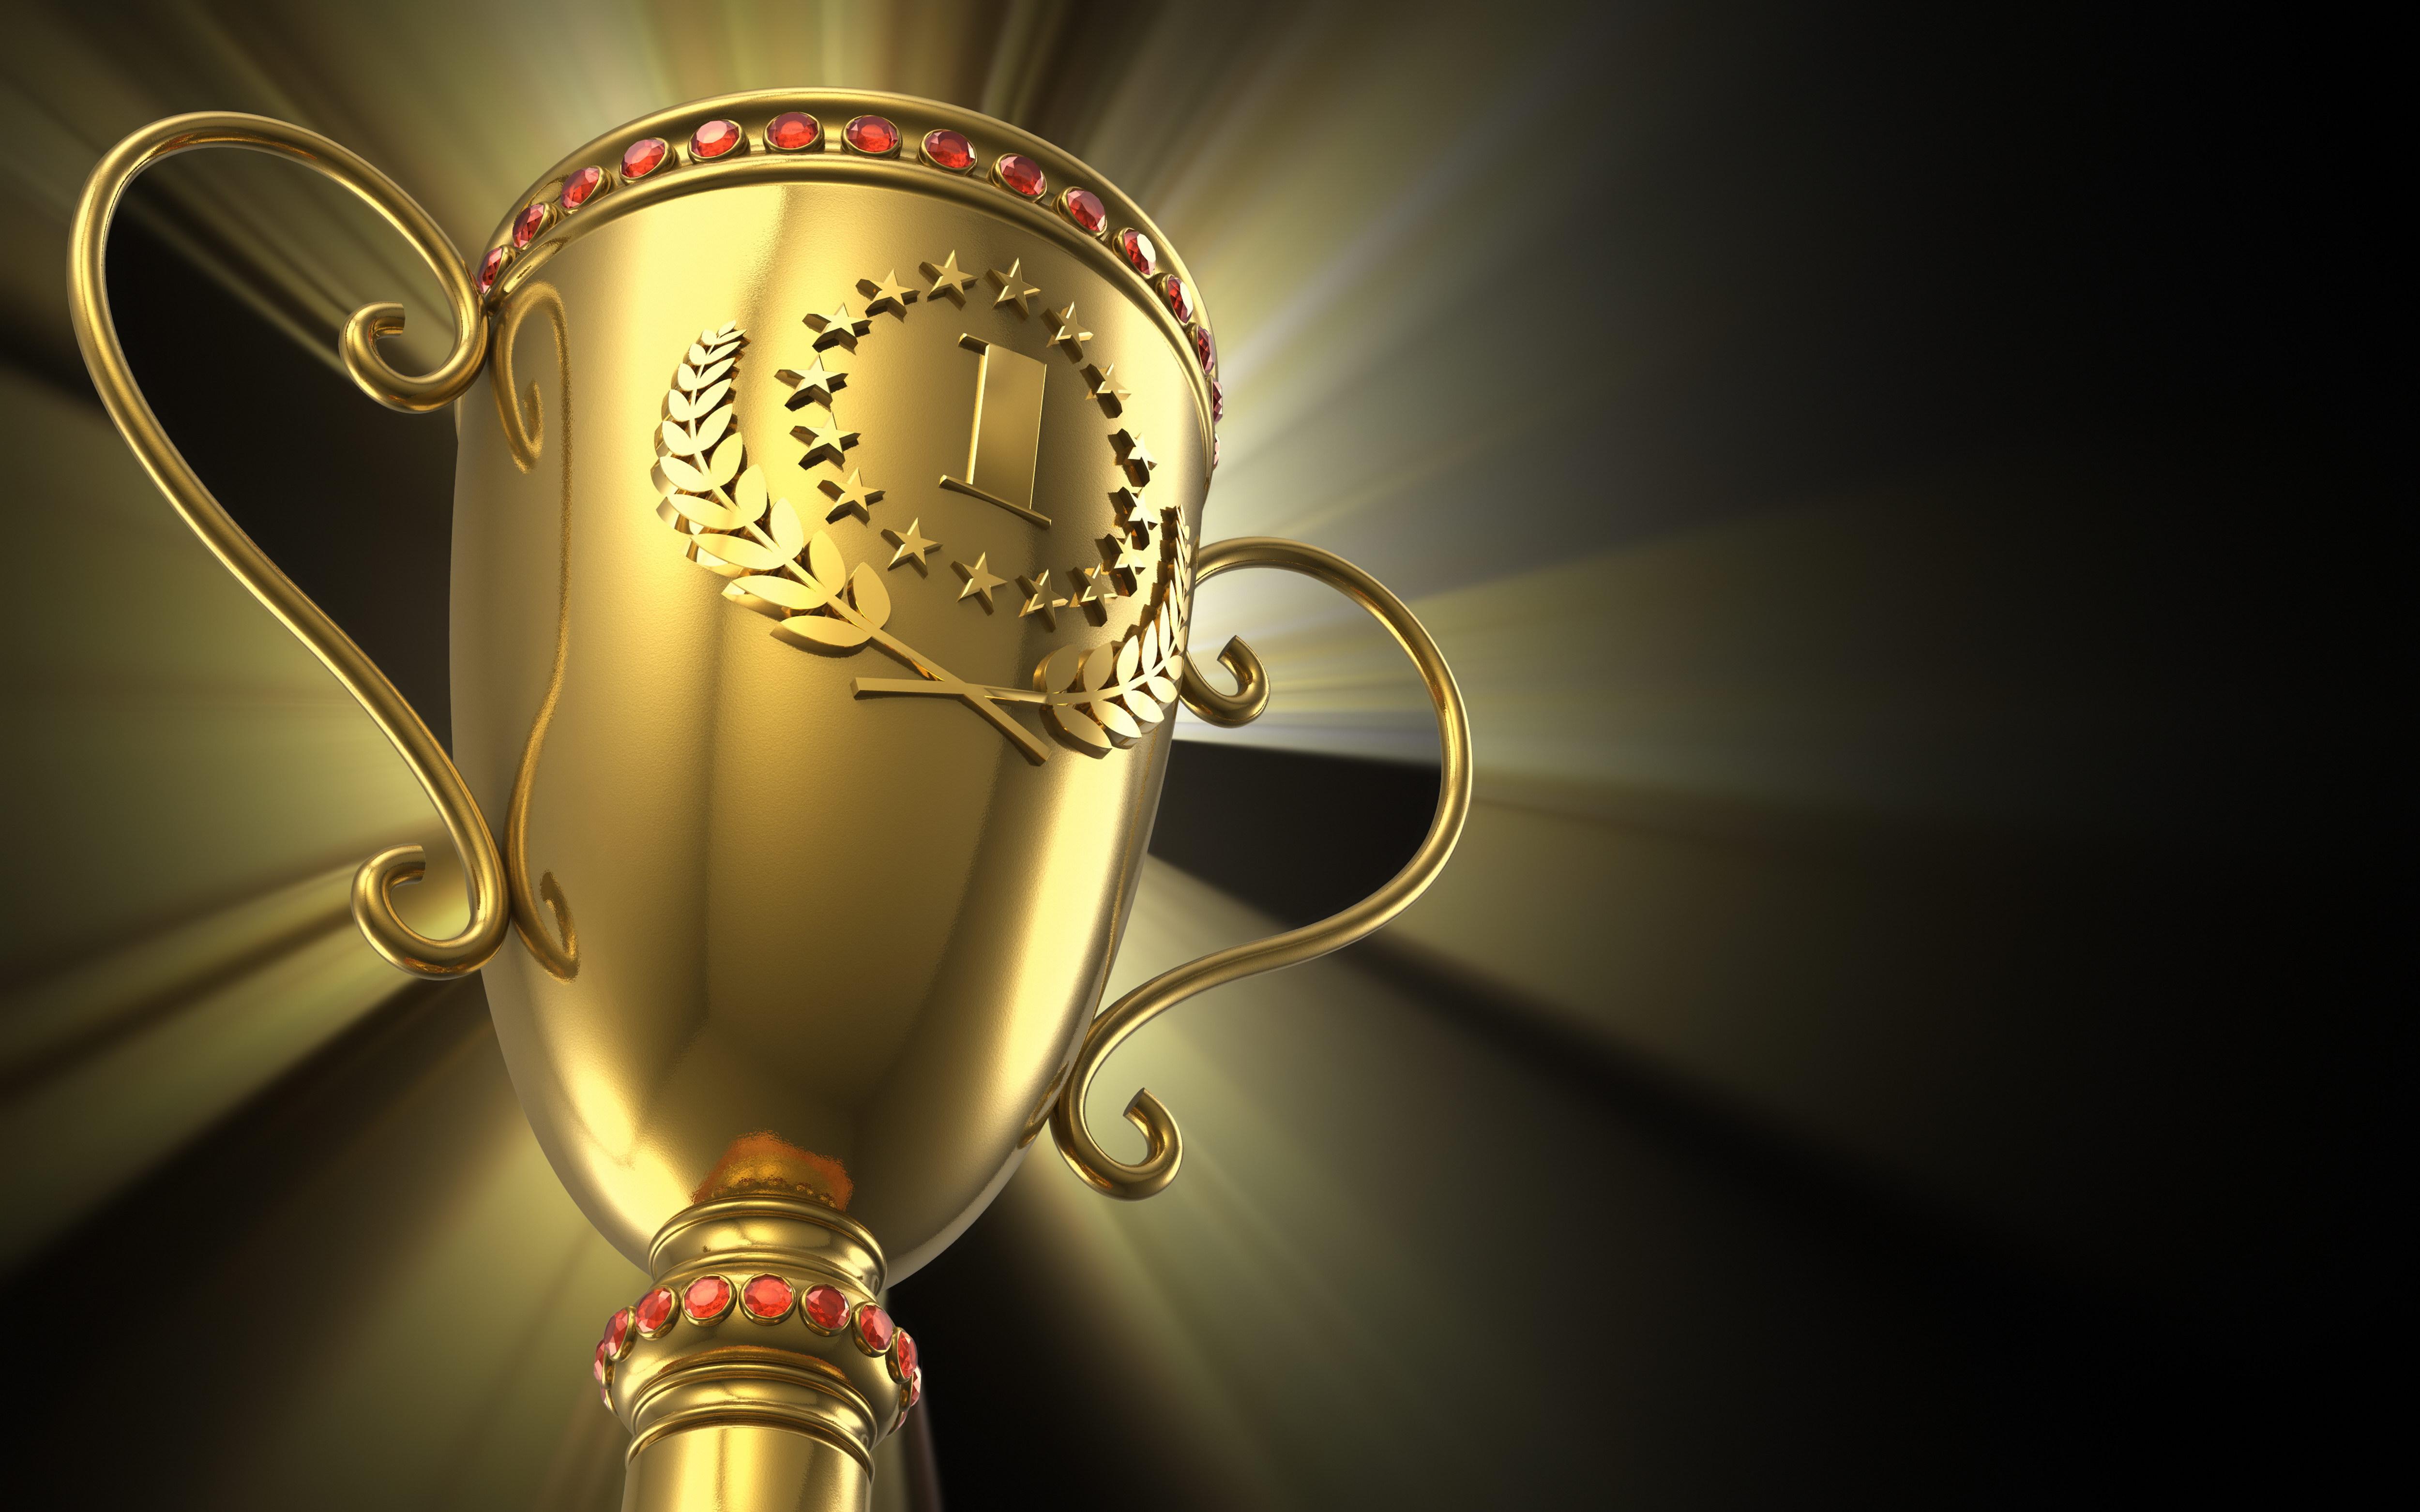 Премия для квестов The Grand Quest Award 2017. Ваши ставки?